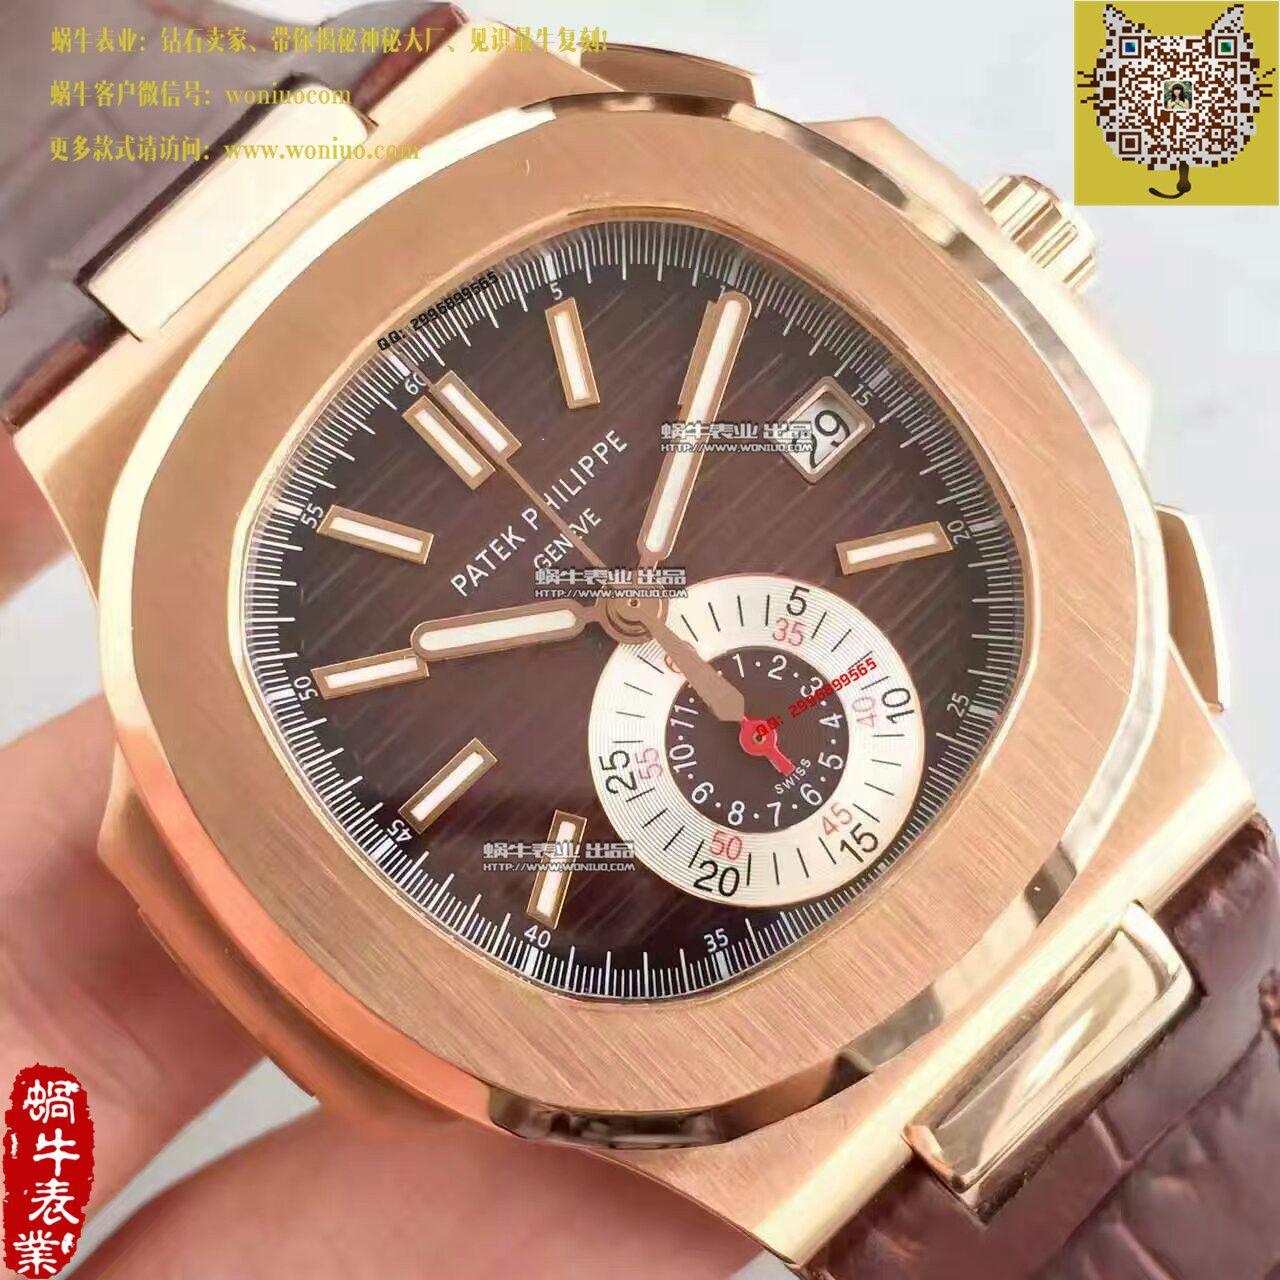 【BP厂1:1复刻手表】百达翡丽运动系列5980R 玫瑰金男士腕表 / BD182